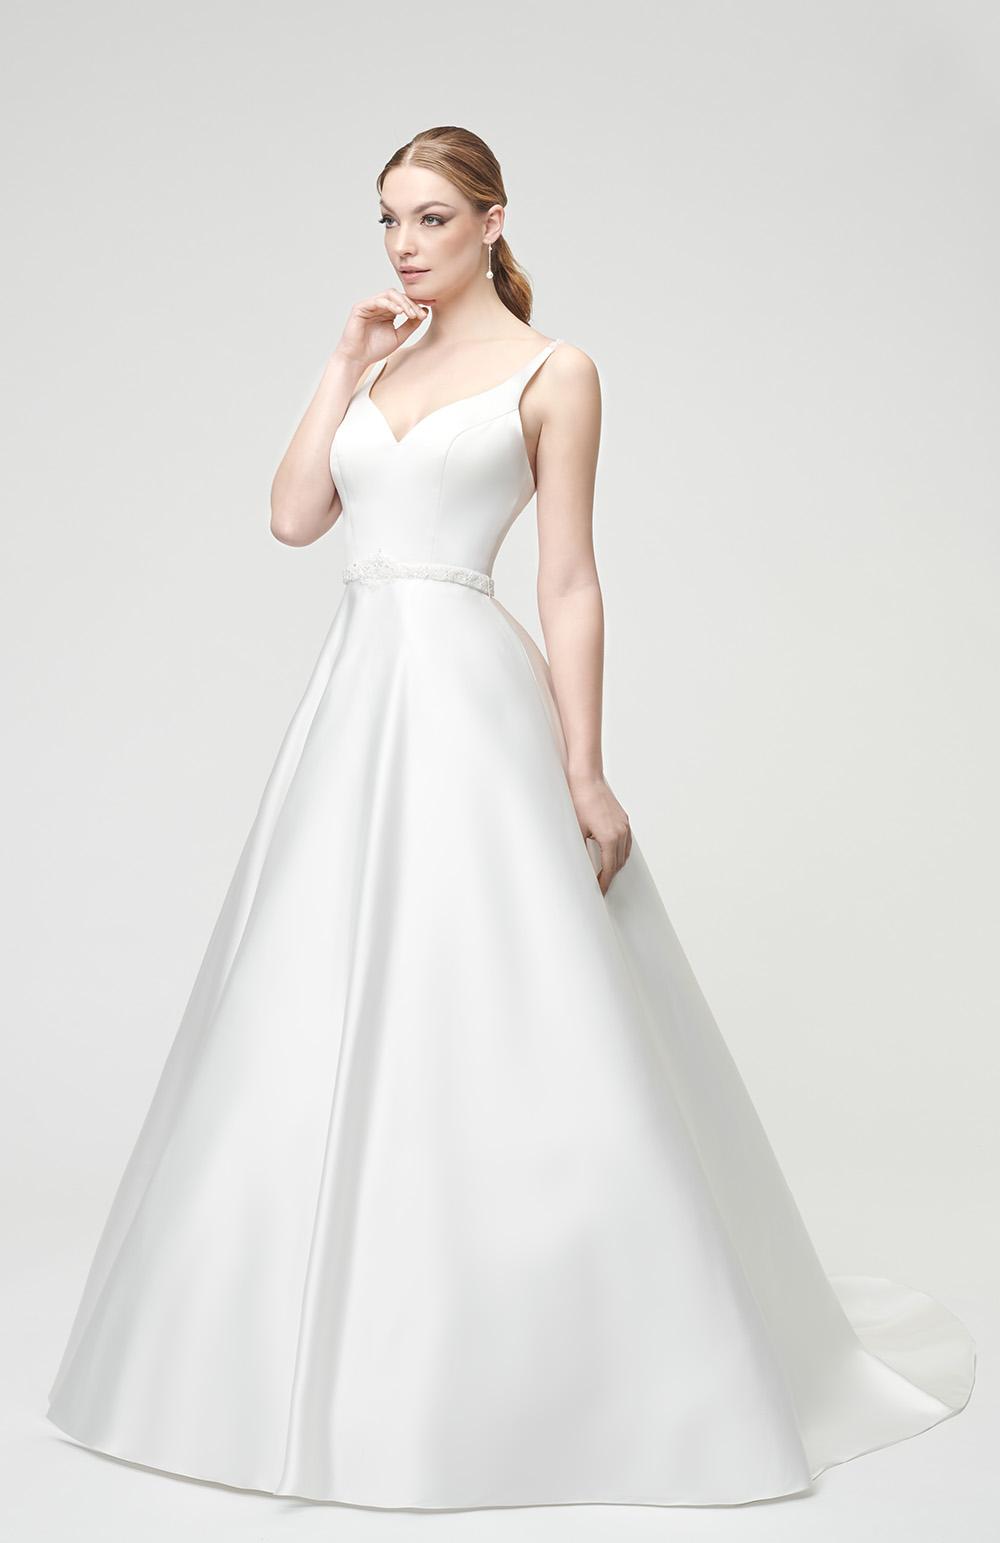 Robe de mariée Modèle Oréa